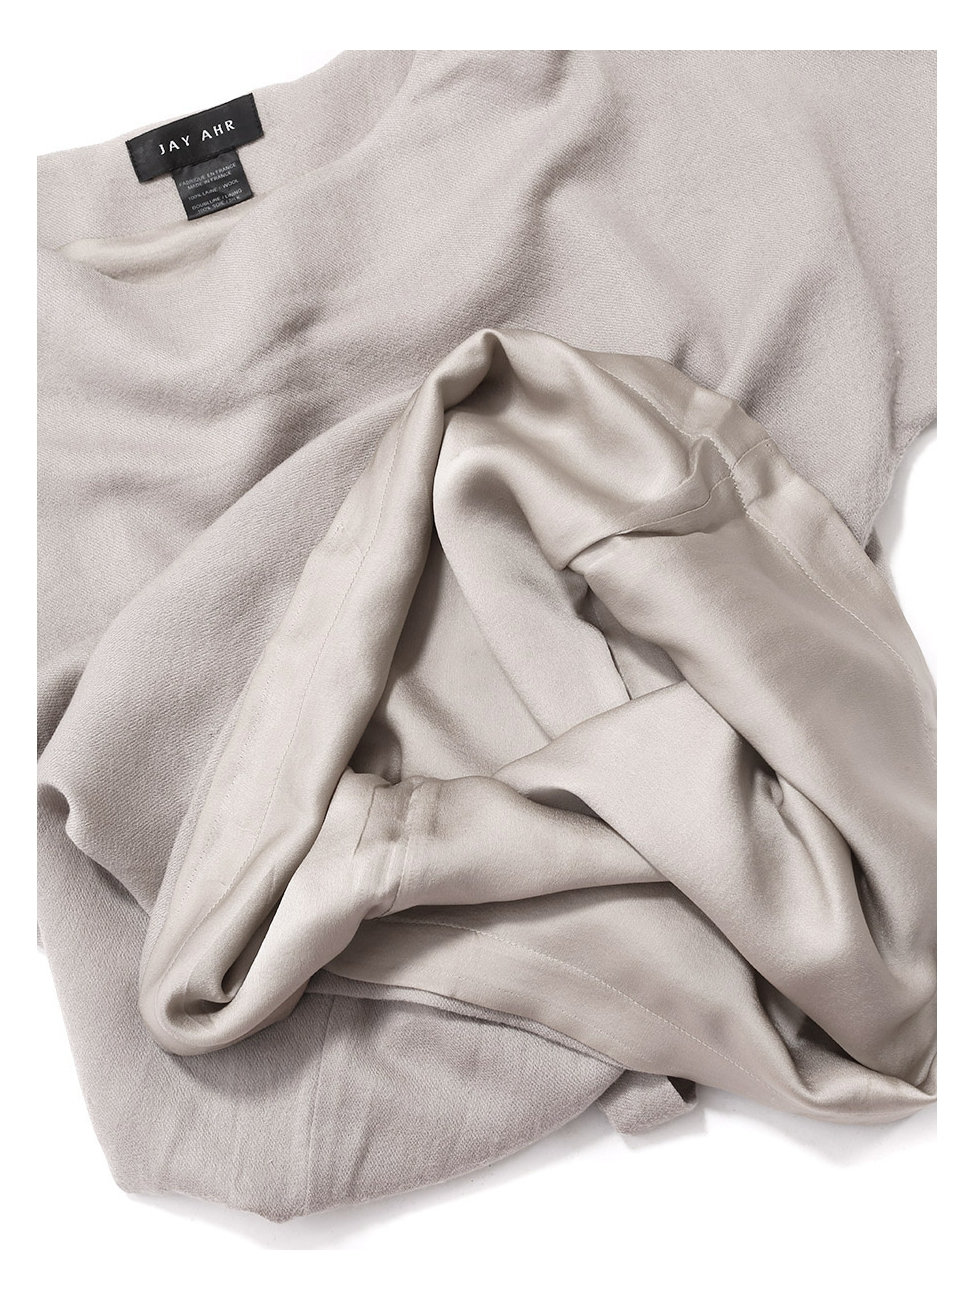 Louise Paris - JAH AHR Robe manches courtes en laine et soie beige Prix  boutique 1100€ Taille 36 4a570fae38c